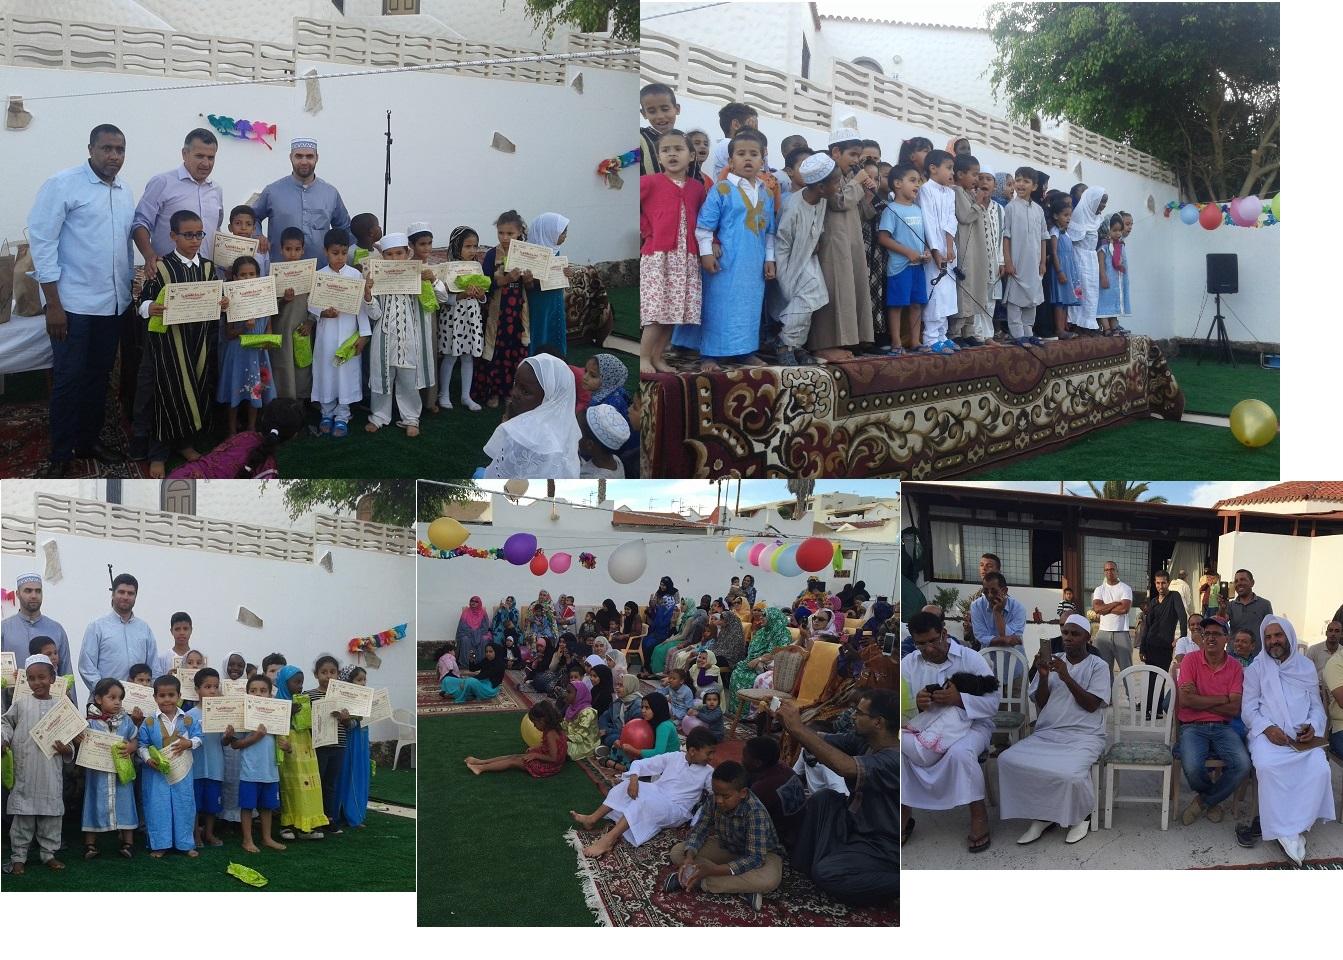 صورة حفل اختتام السنة الدراسية 2016/2015  بمسجد الهدى فويرتبنتورة  جزر الكناري